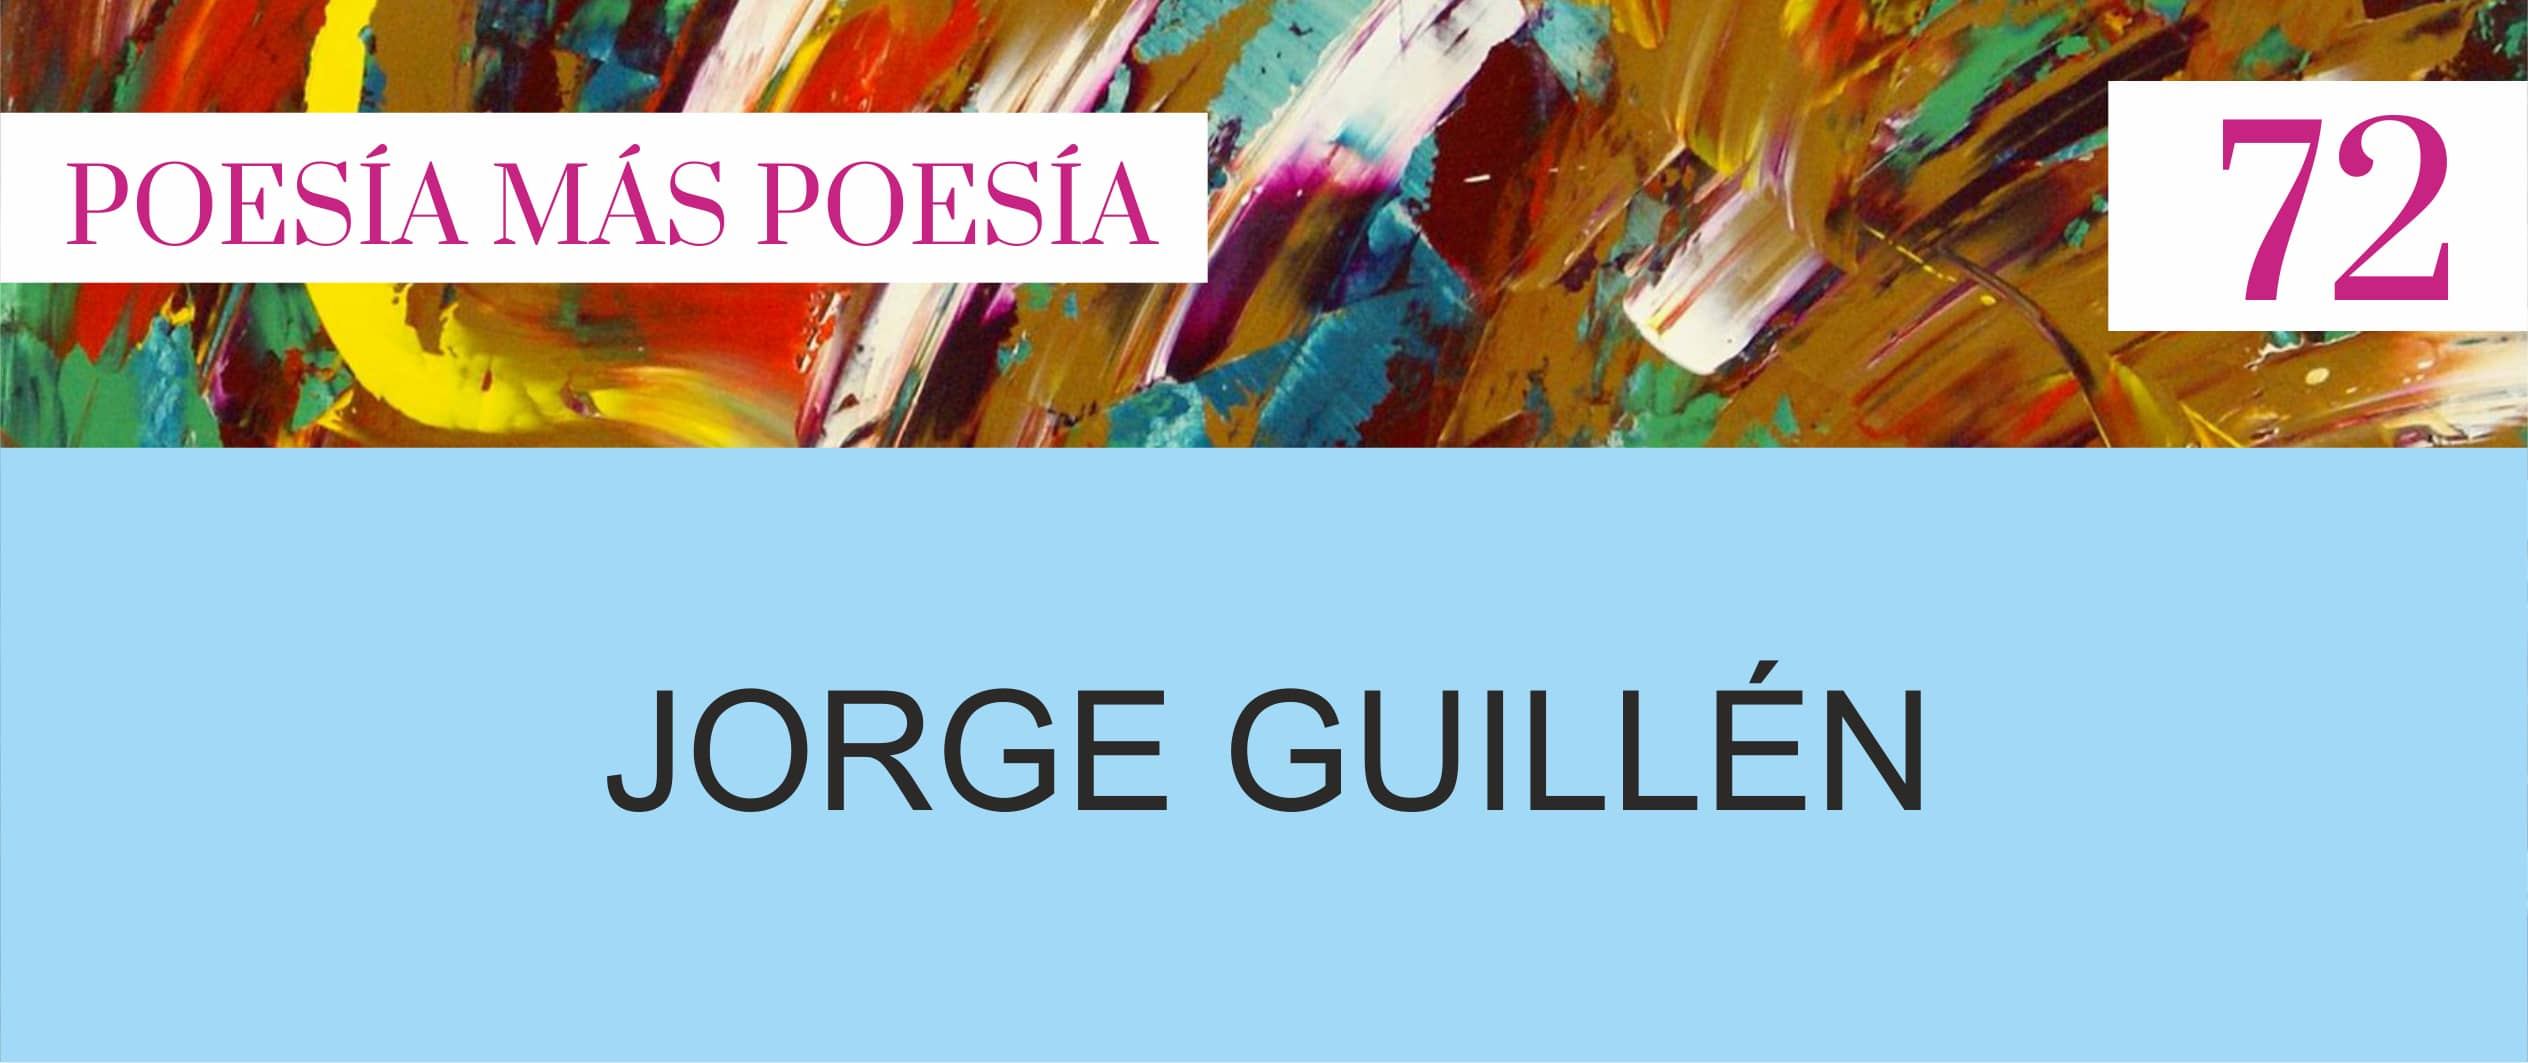 POESÍA ESPAÑOLA JORGE GUILLÉN REVISTA DE POESÍA - Poesia Online